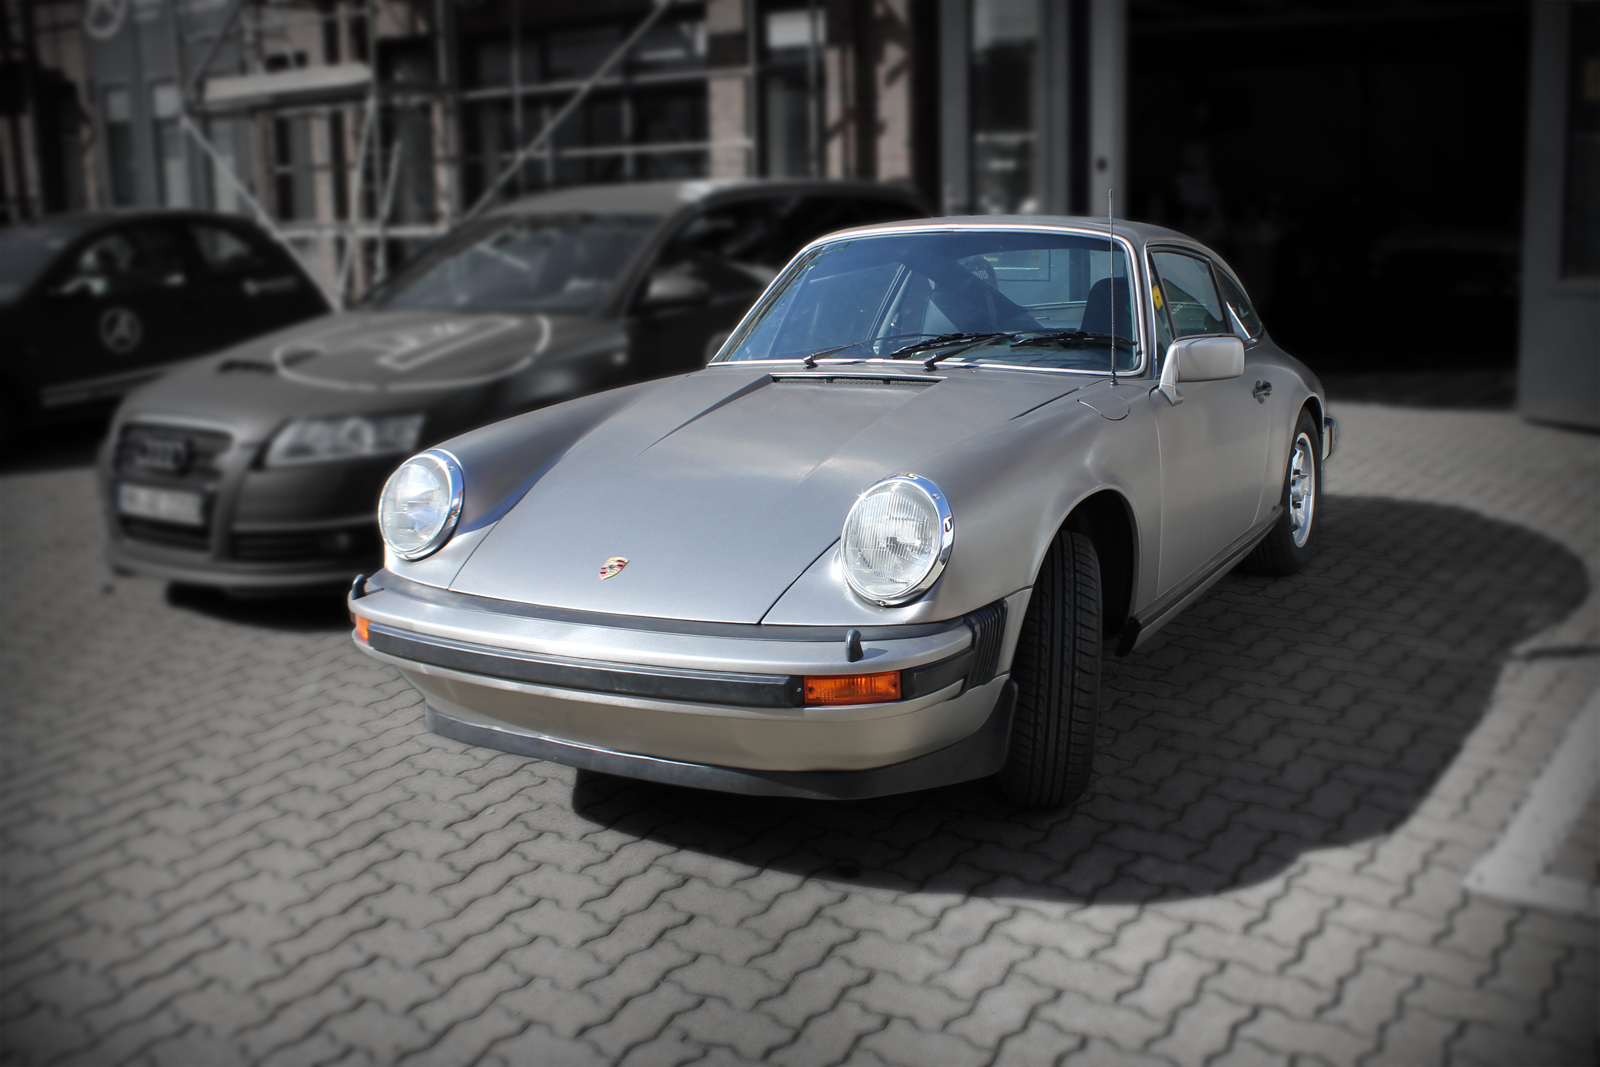 Porsche 911 beklebt mit Folie in gebürsteter Edelstahl-Optik und schwarz matten Scheibenrahmen